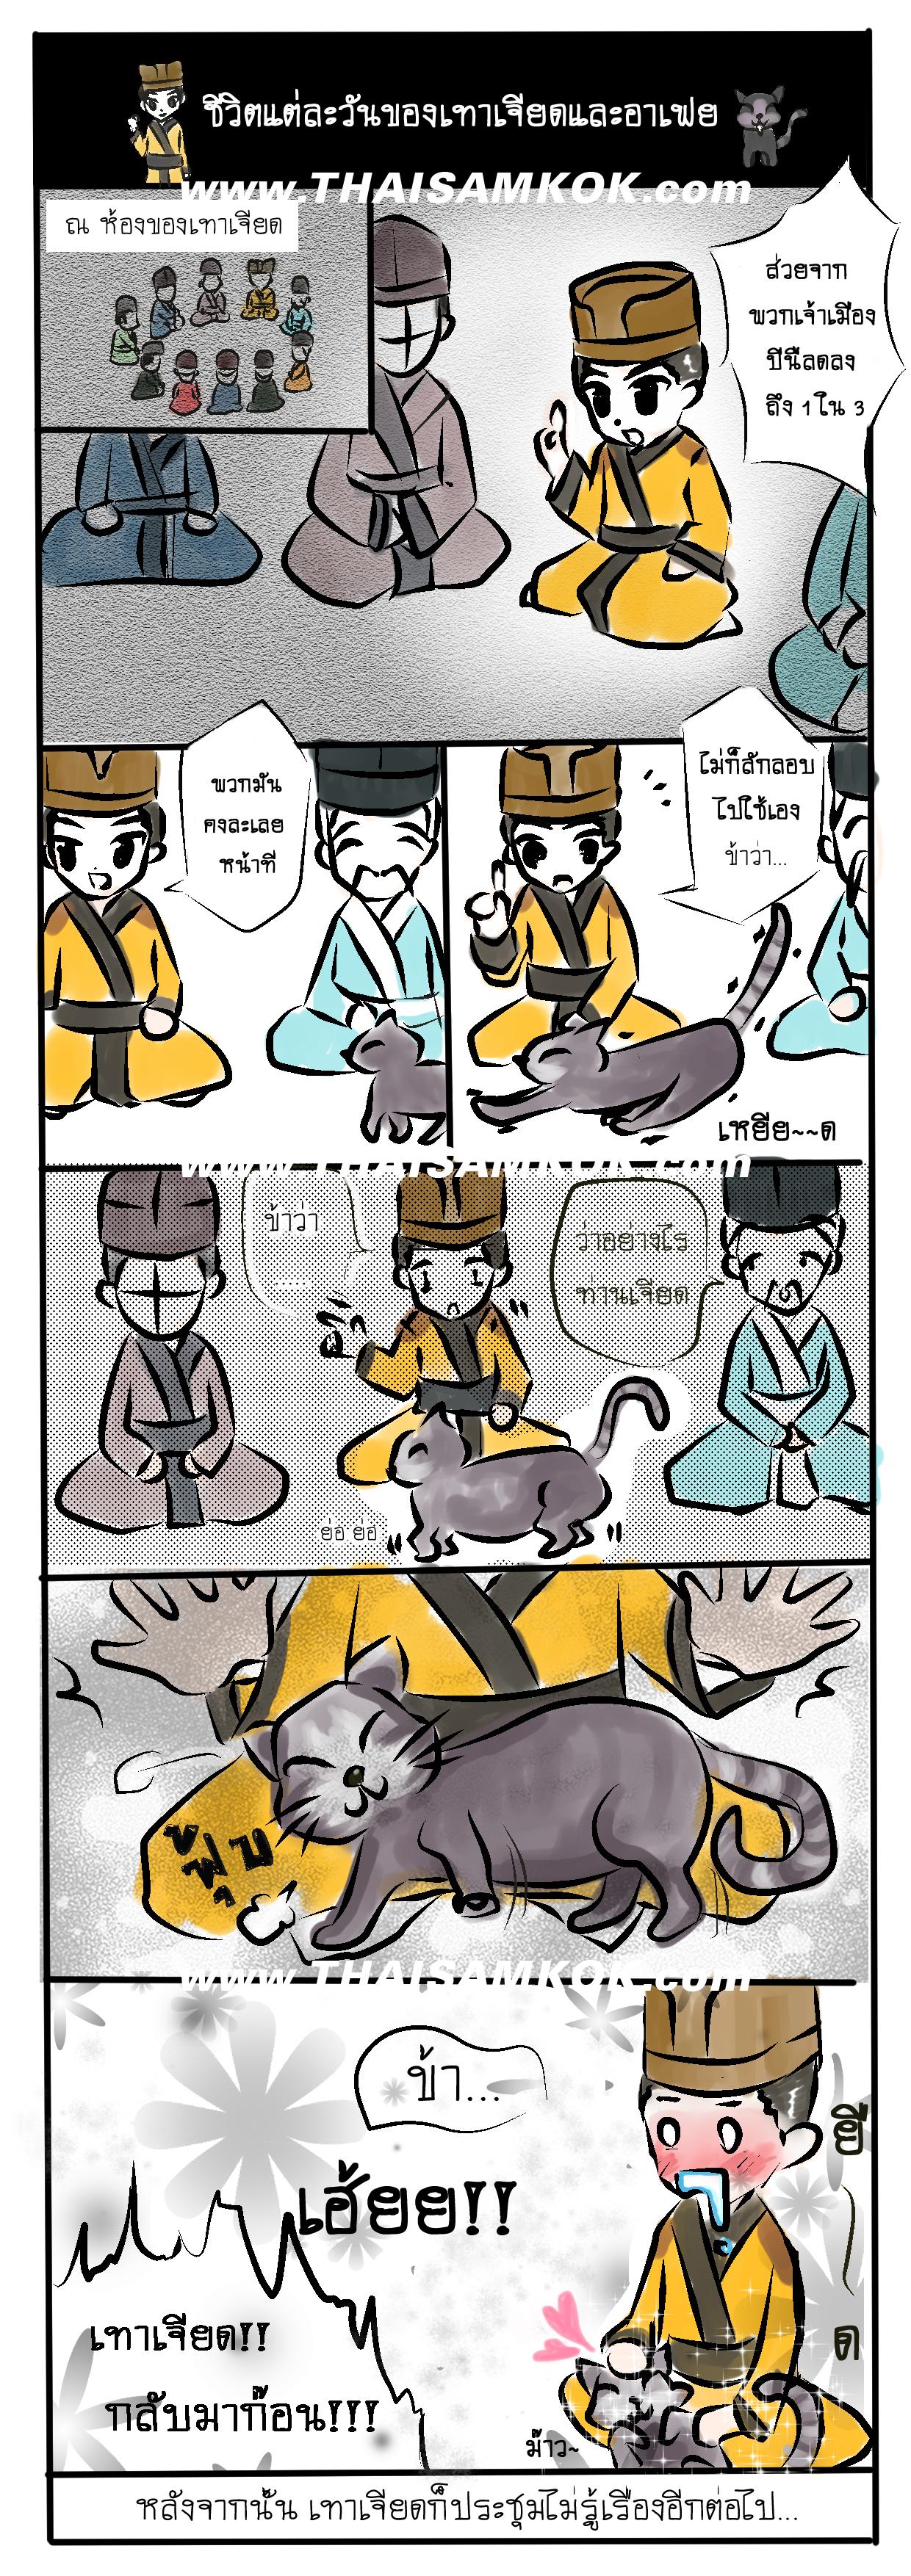 เรื่องราววุ่นๆของสิบขันทีและชาวราชสำนักฮั่น